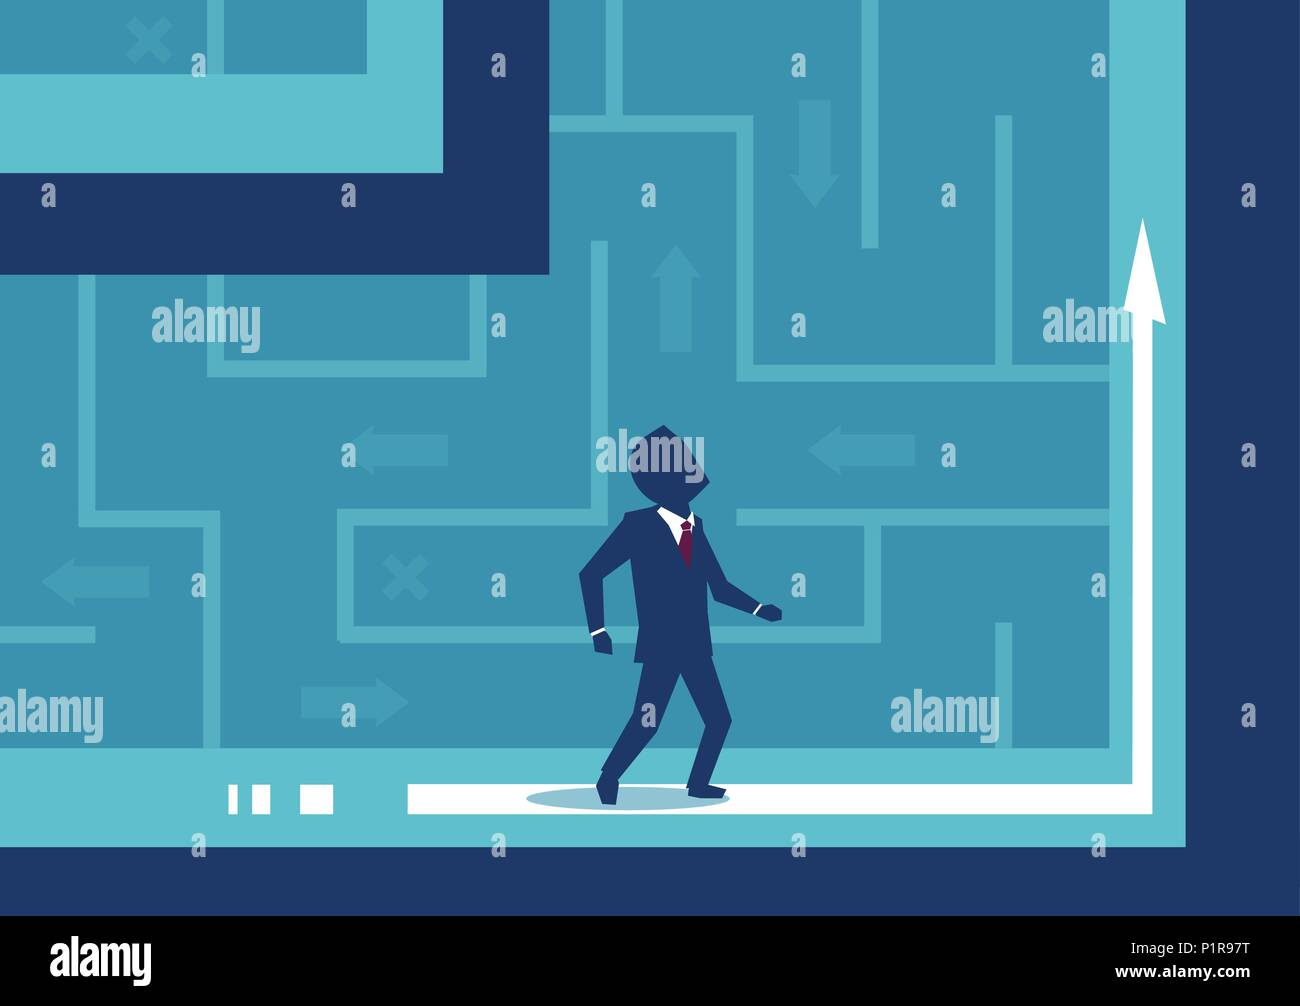 Immagine vettoriale di imprenditore confuso con direzione essendo perso nel labirinto. Immagini Stock